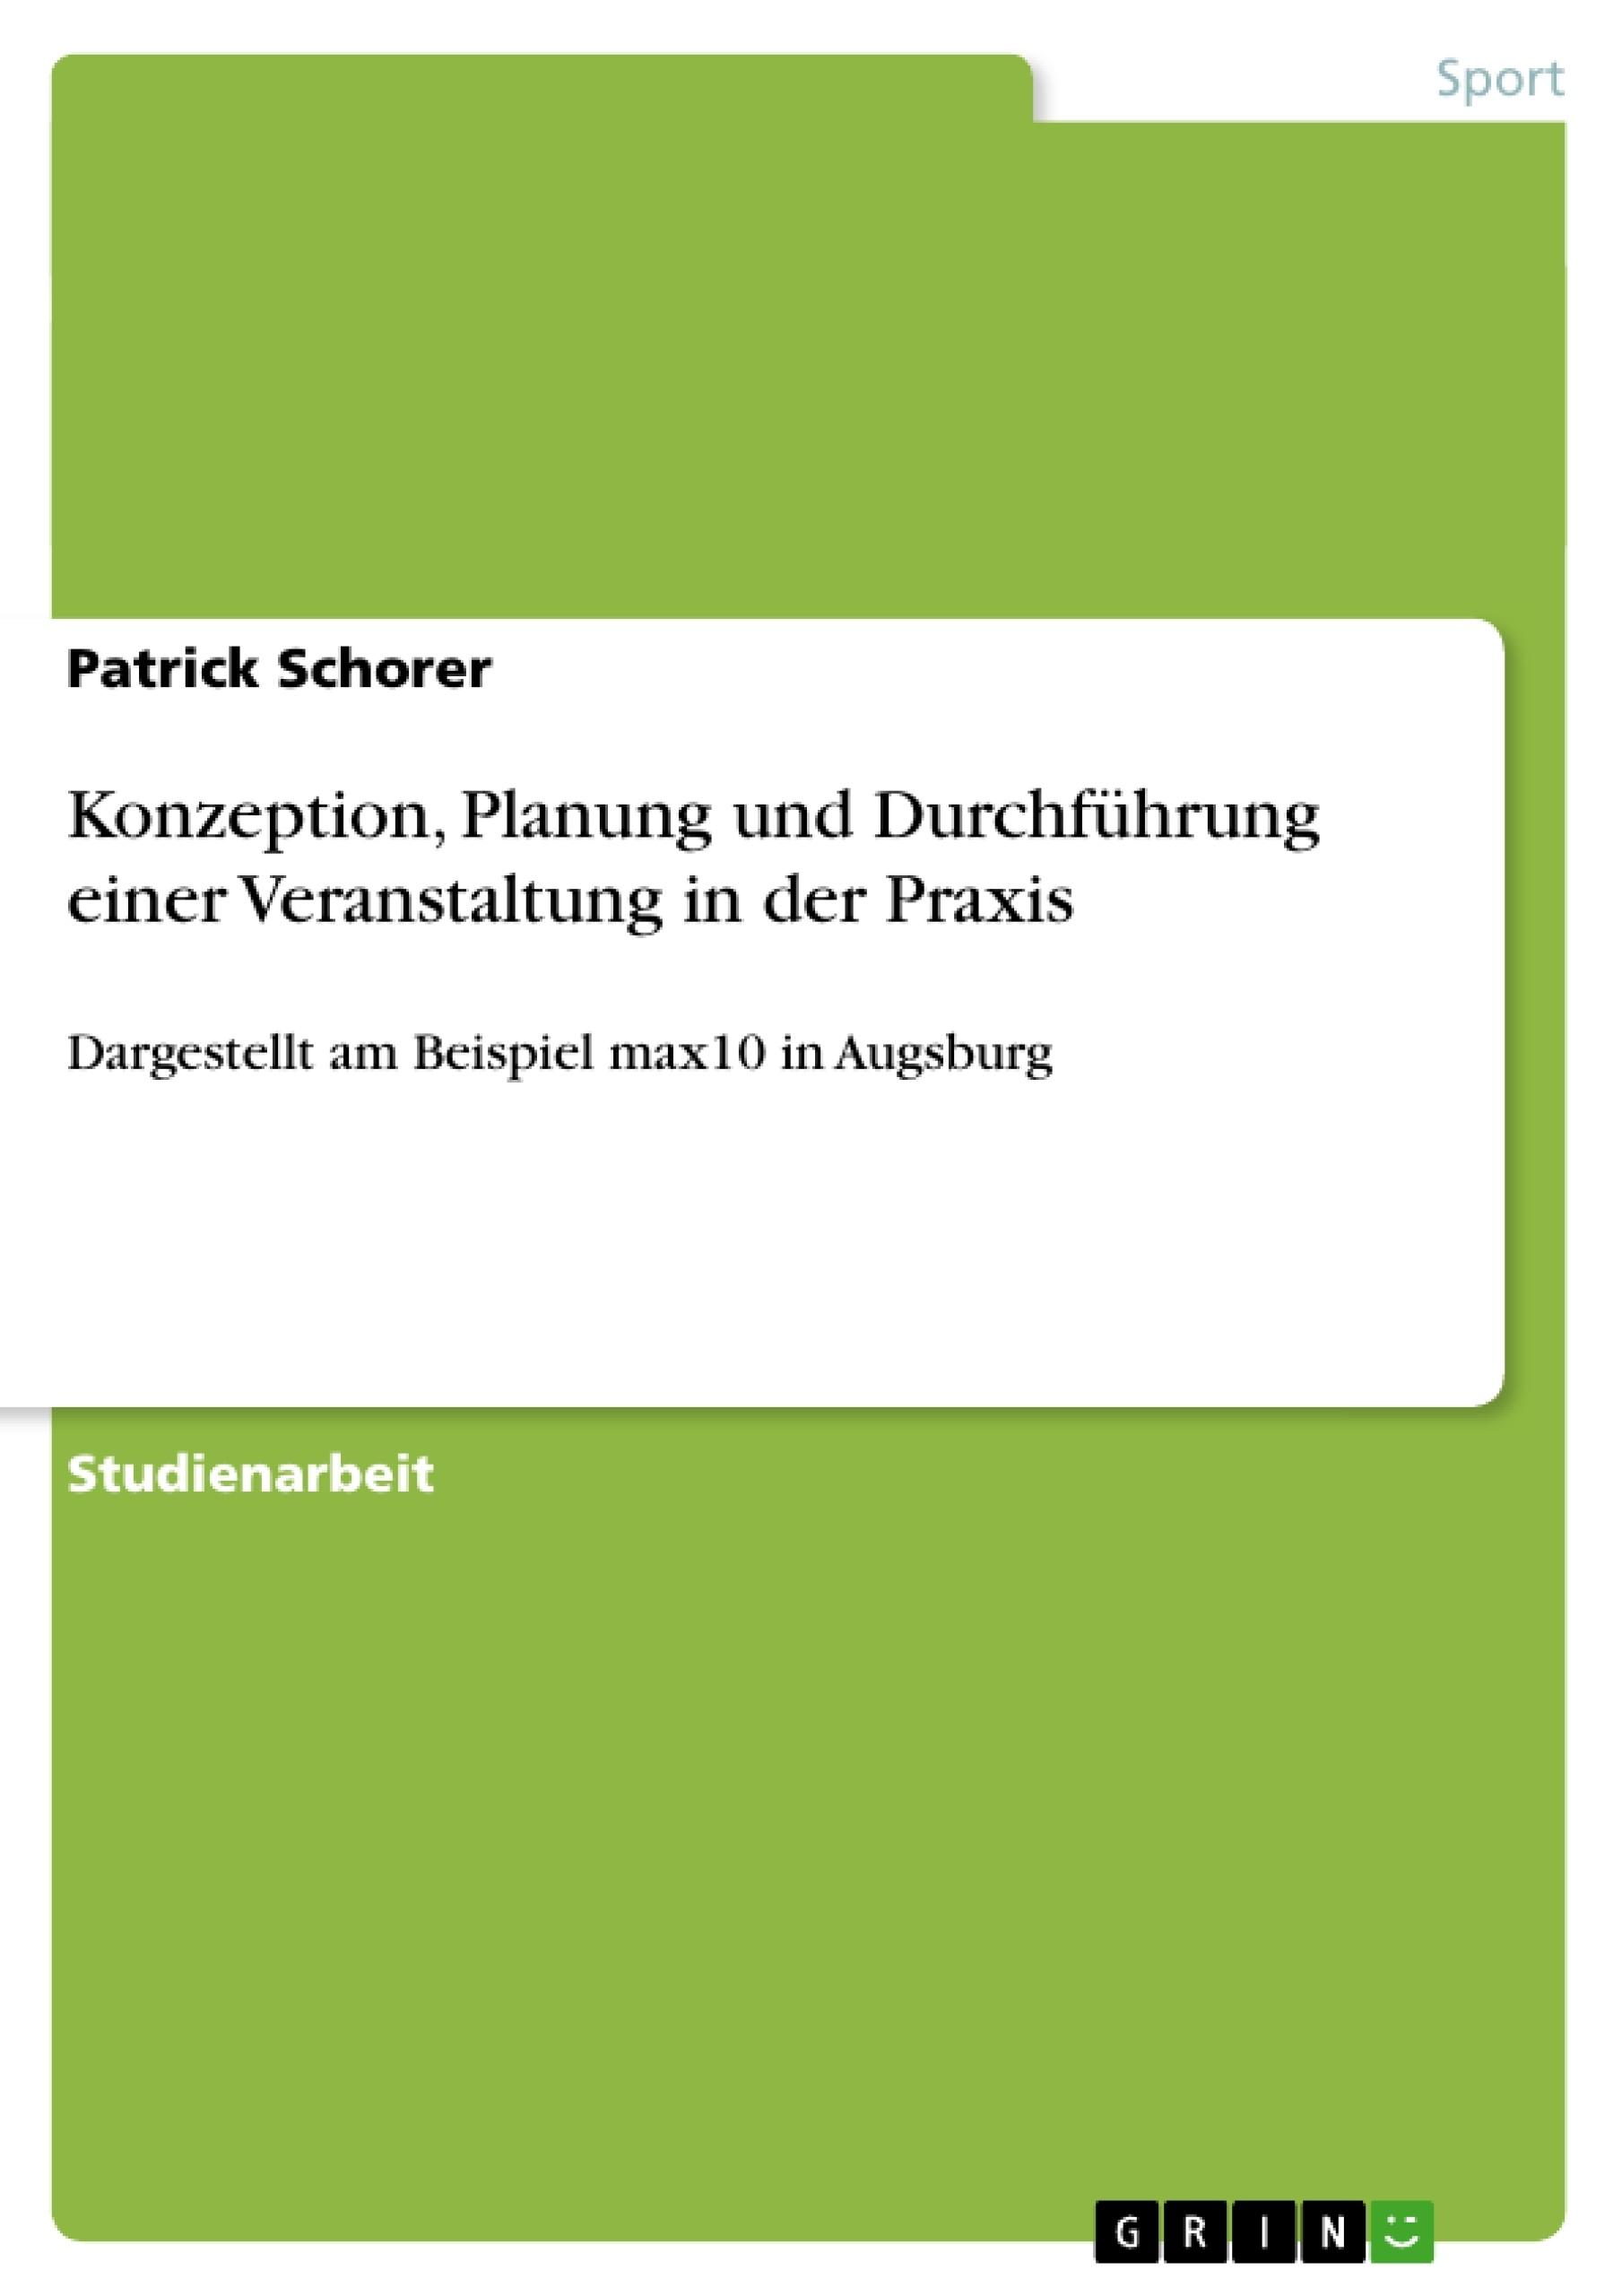 Titel: Konzeption, Planung und Durchführung einer Veranstaltung in der Praxis